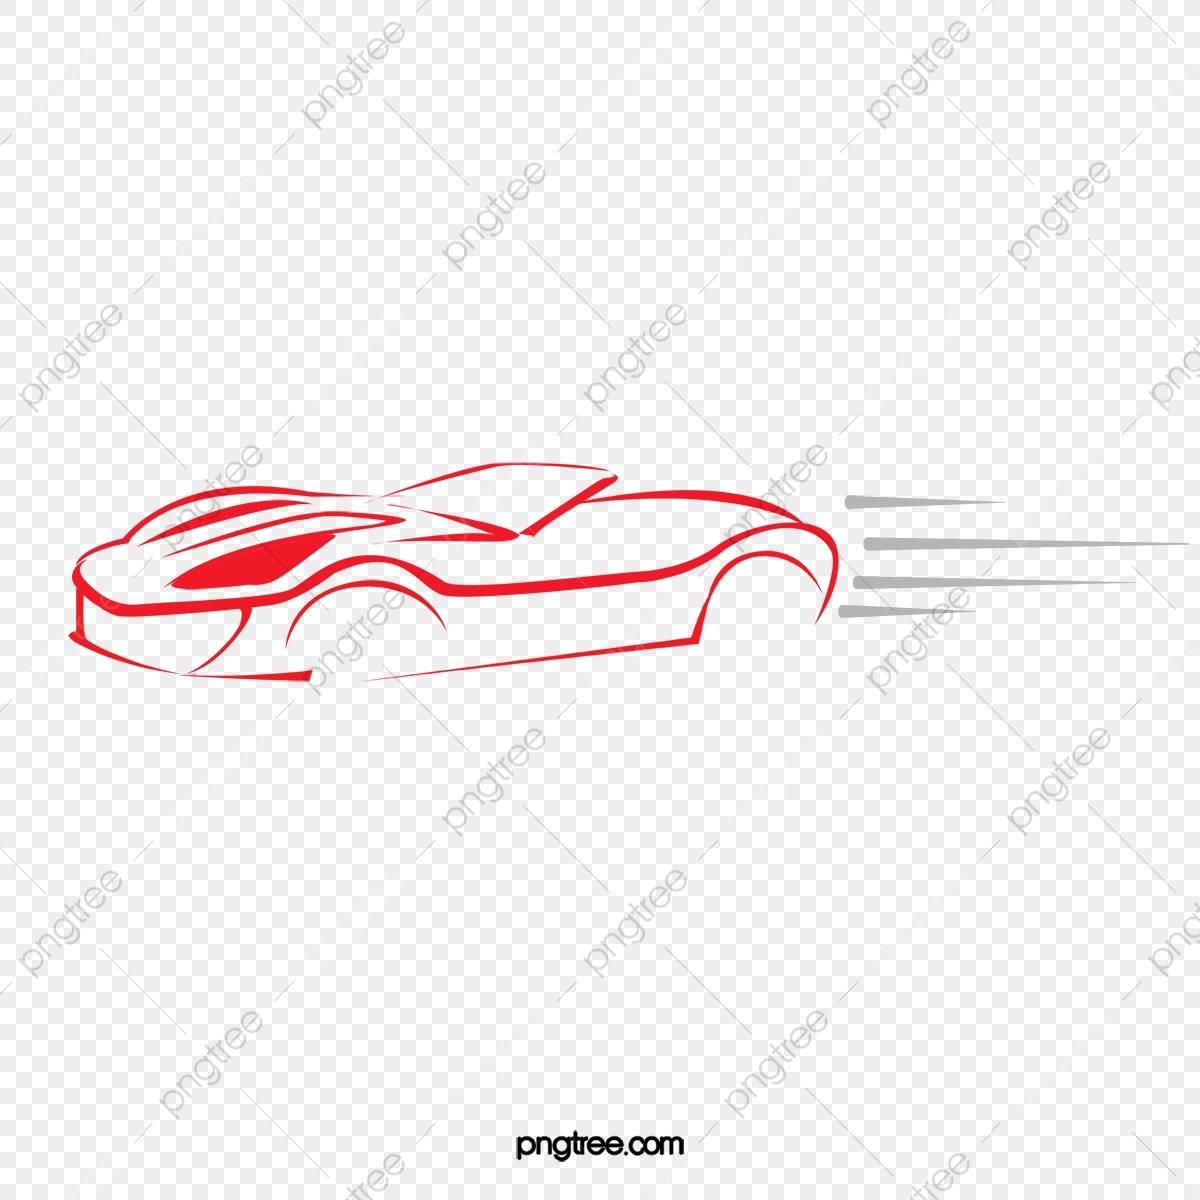 Vector Car, Car Clipart, Car, Line Drawing PNG Transparent Clipart.